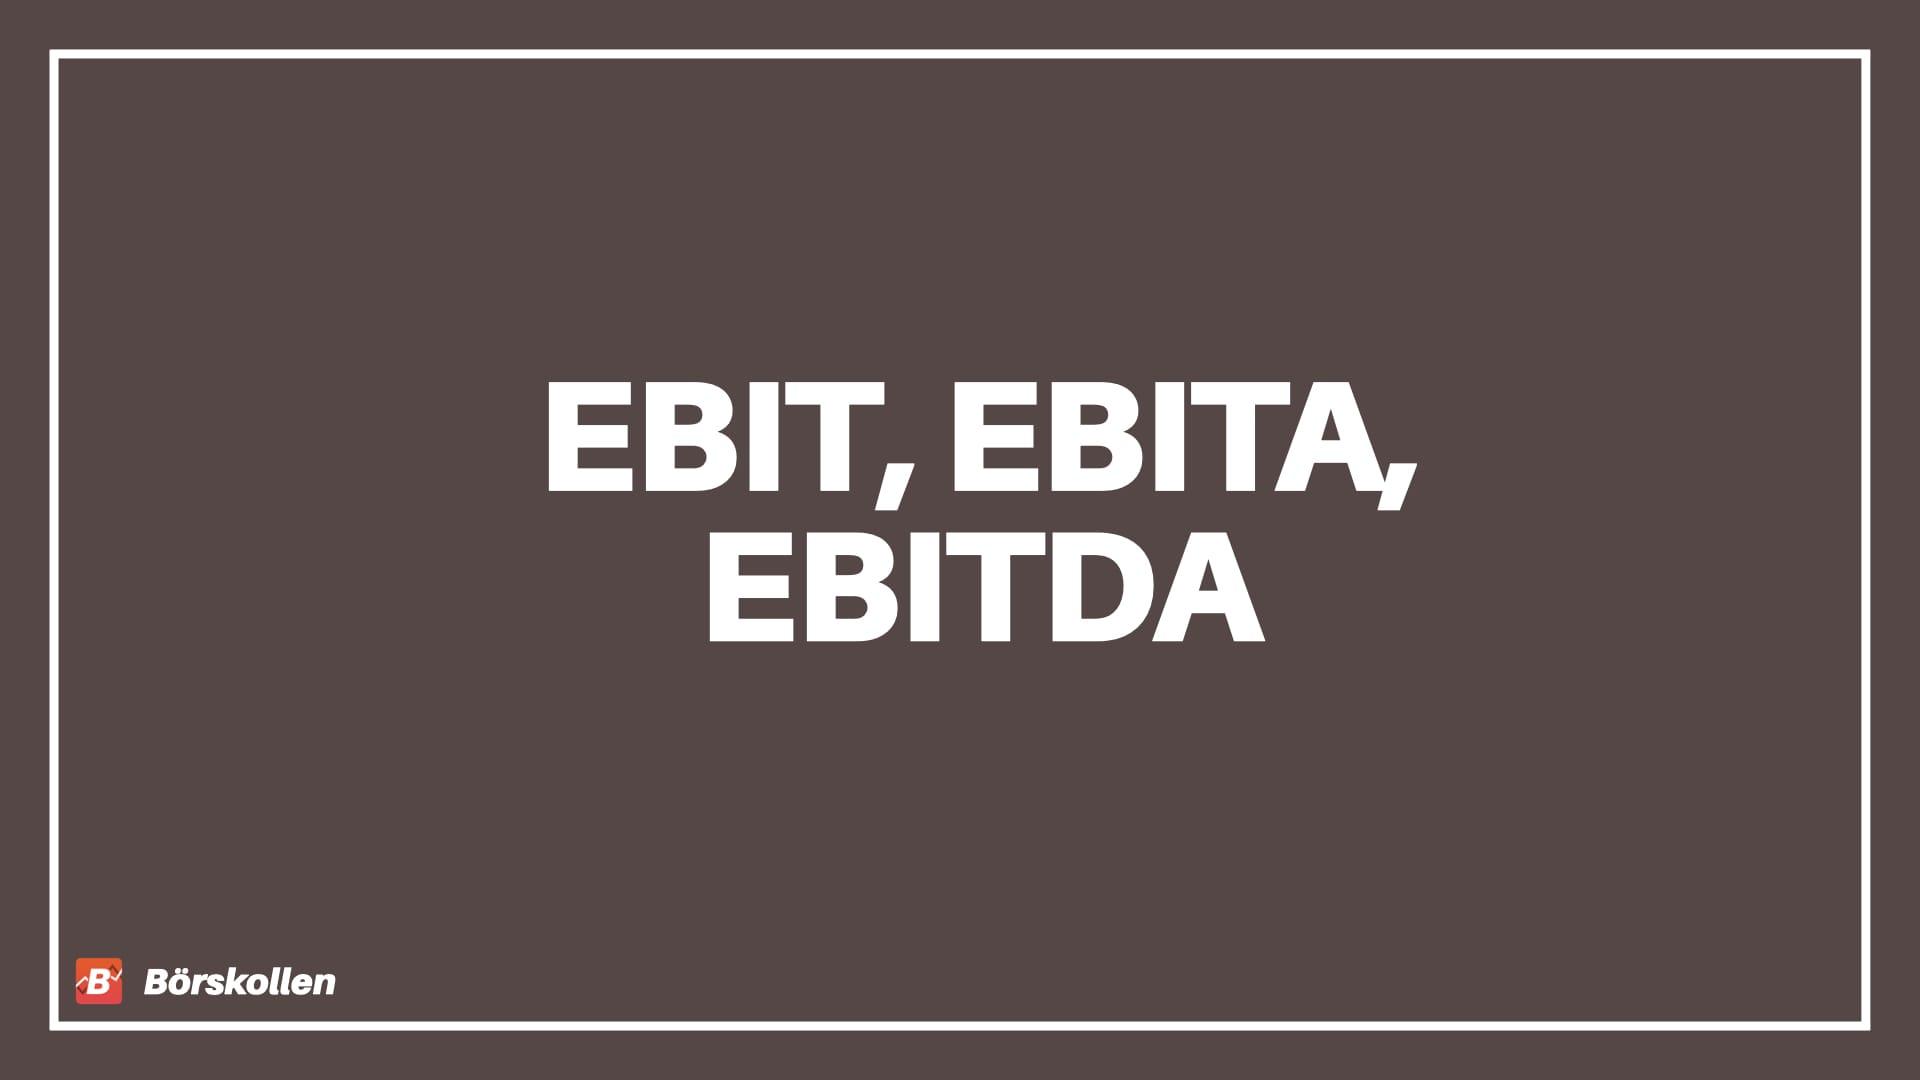 Förklaring av EBIT, EBITA och EBITDA